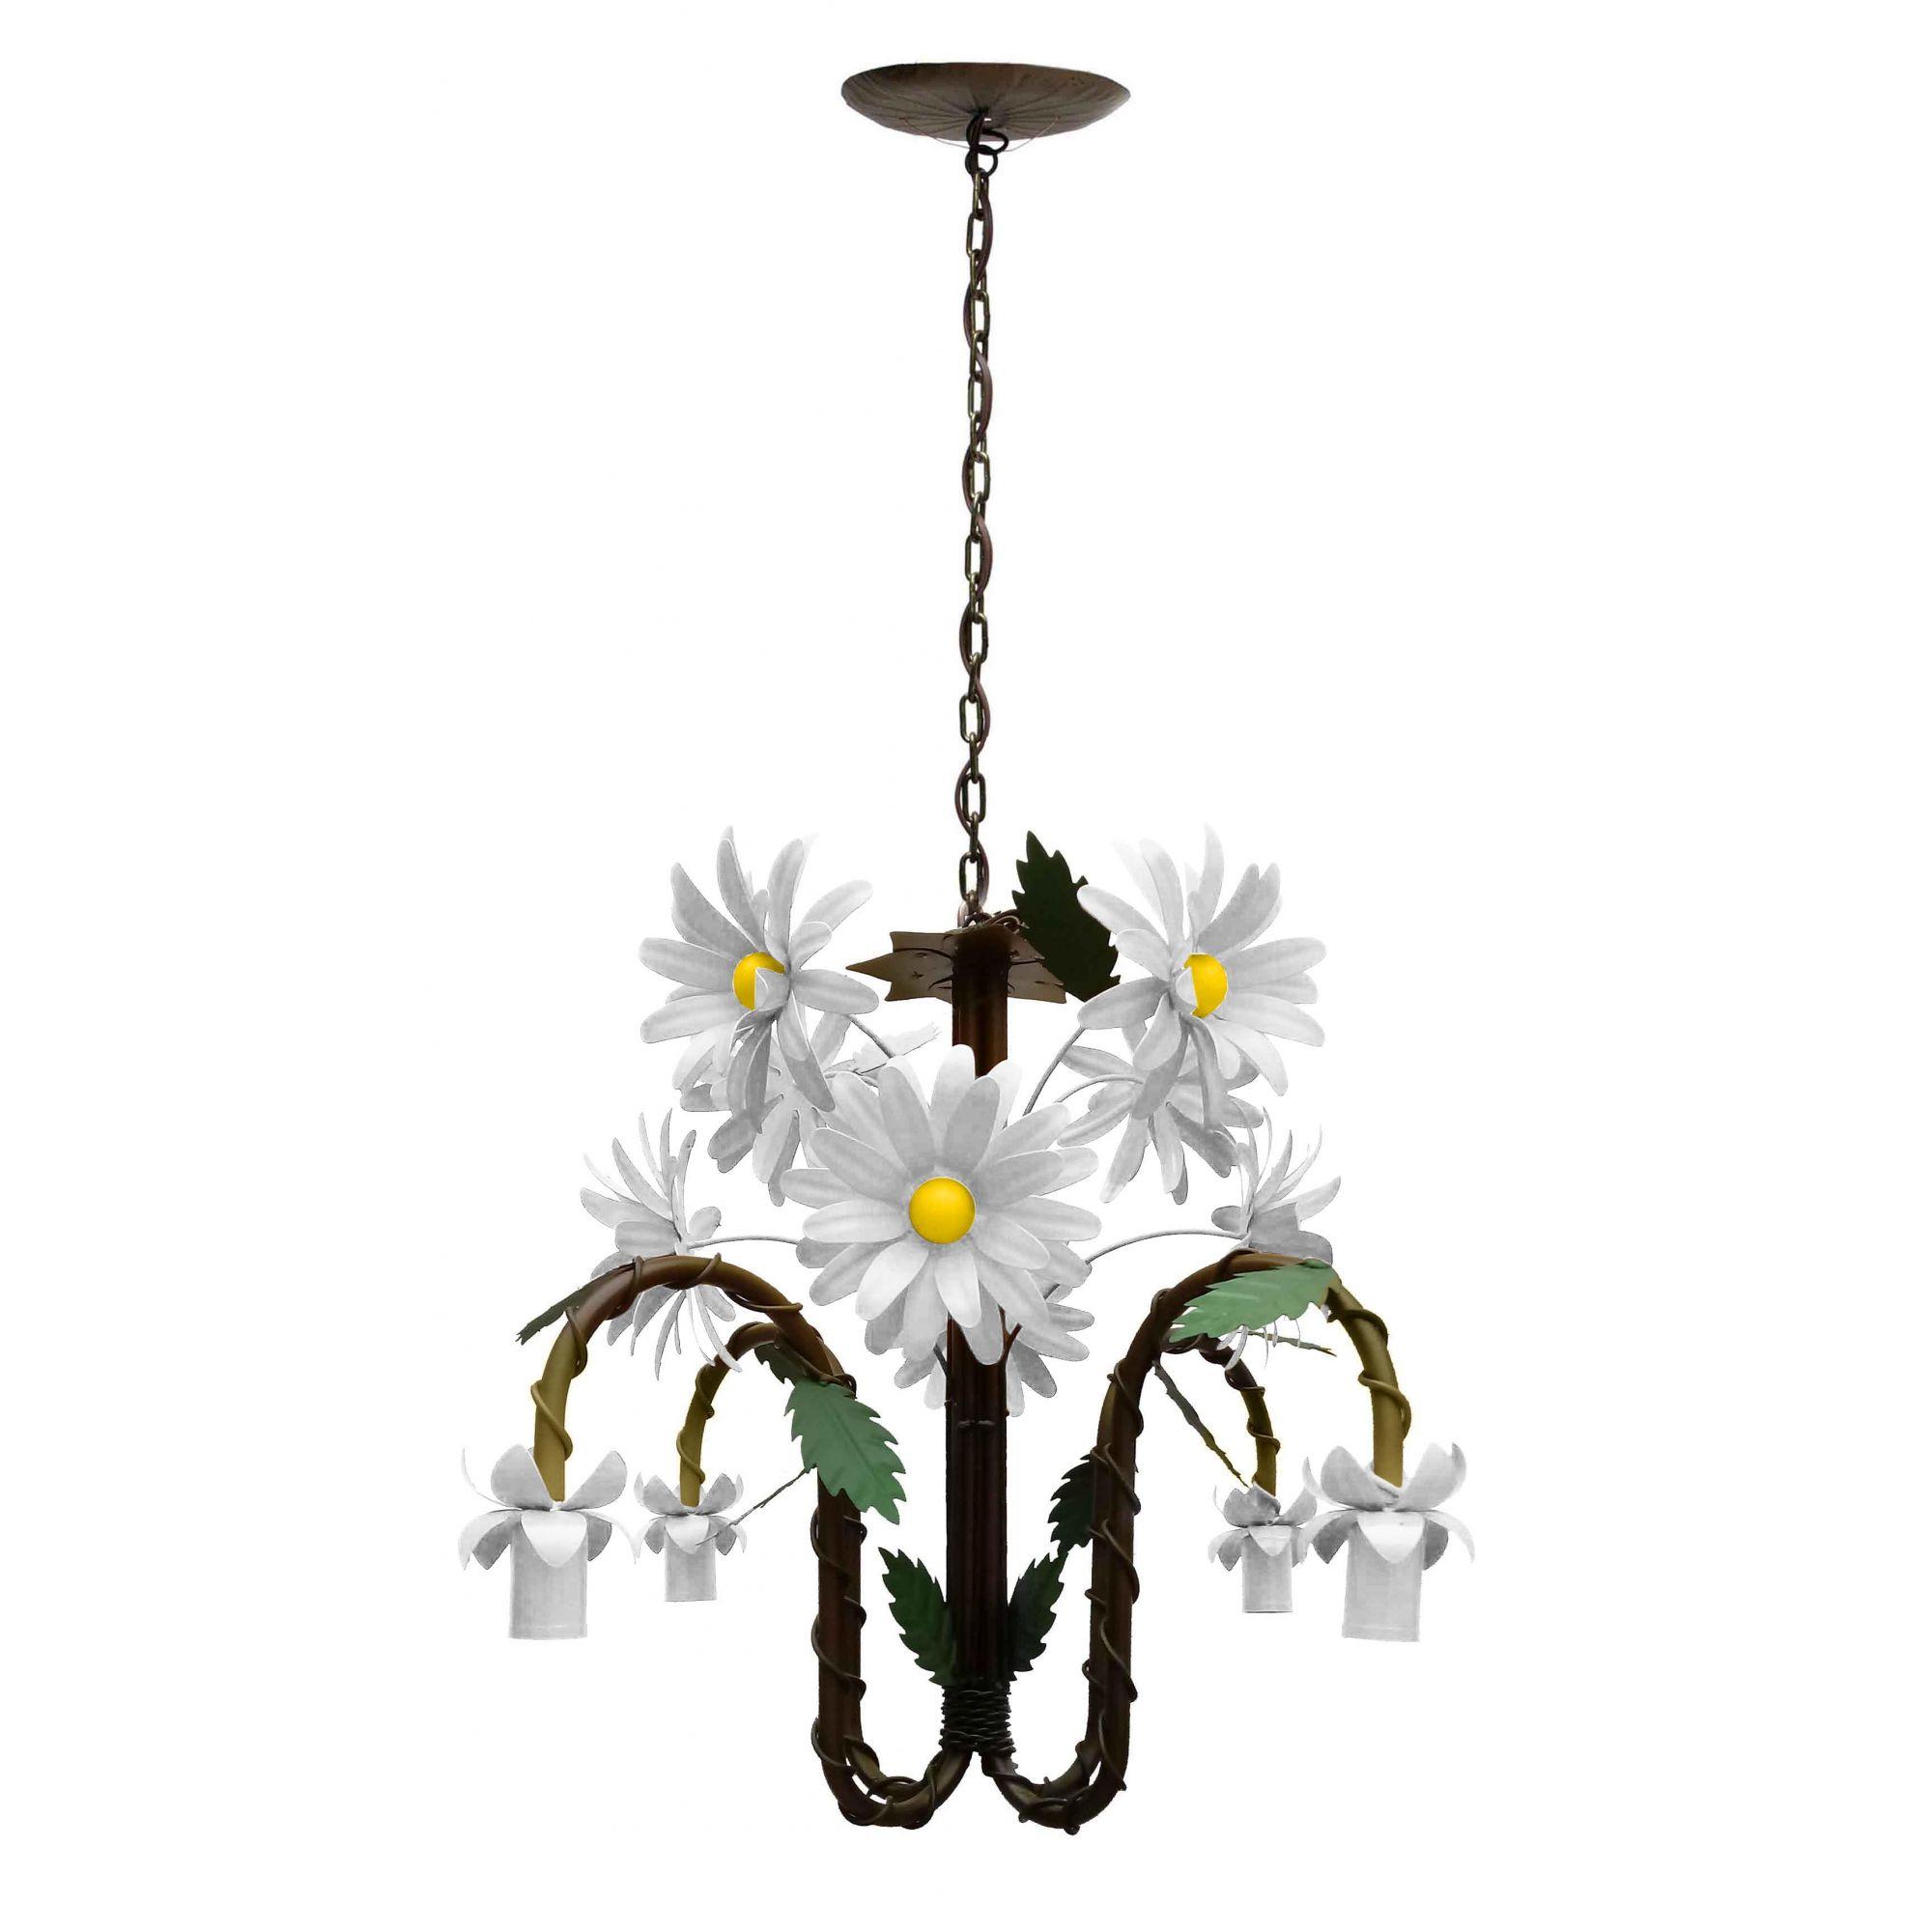 Pendente Luminaria Decorativa de Metal com Flores Artesanais Area Interna